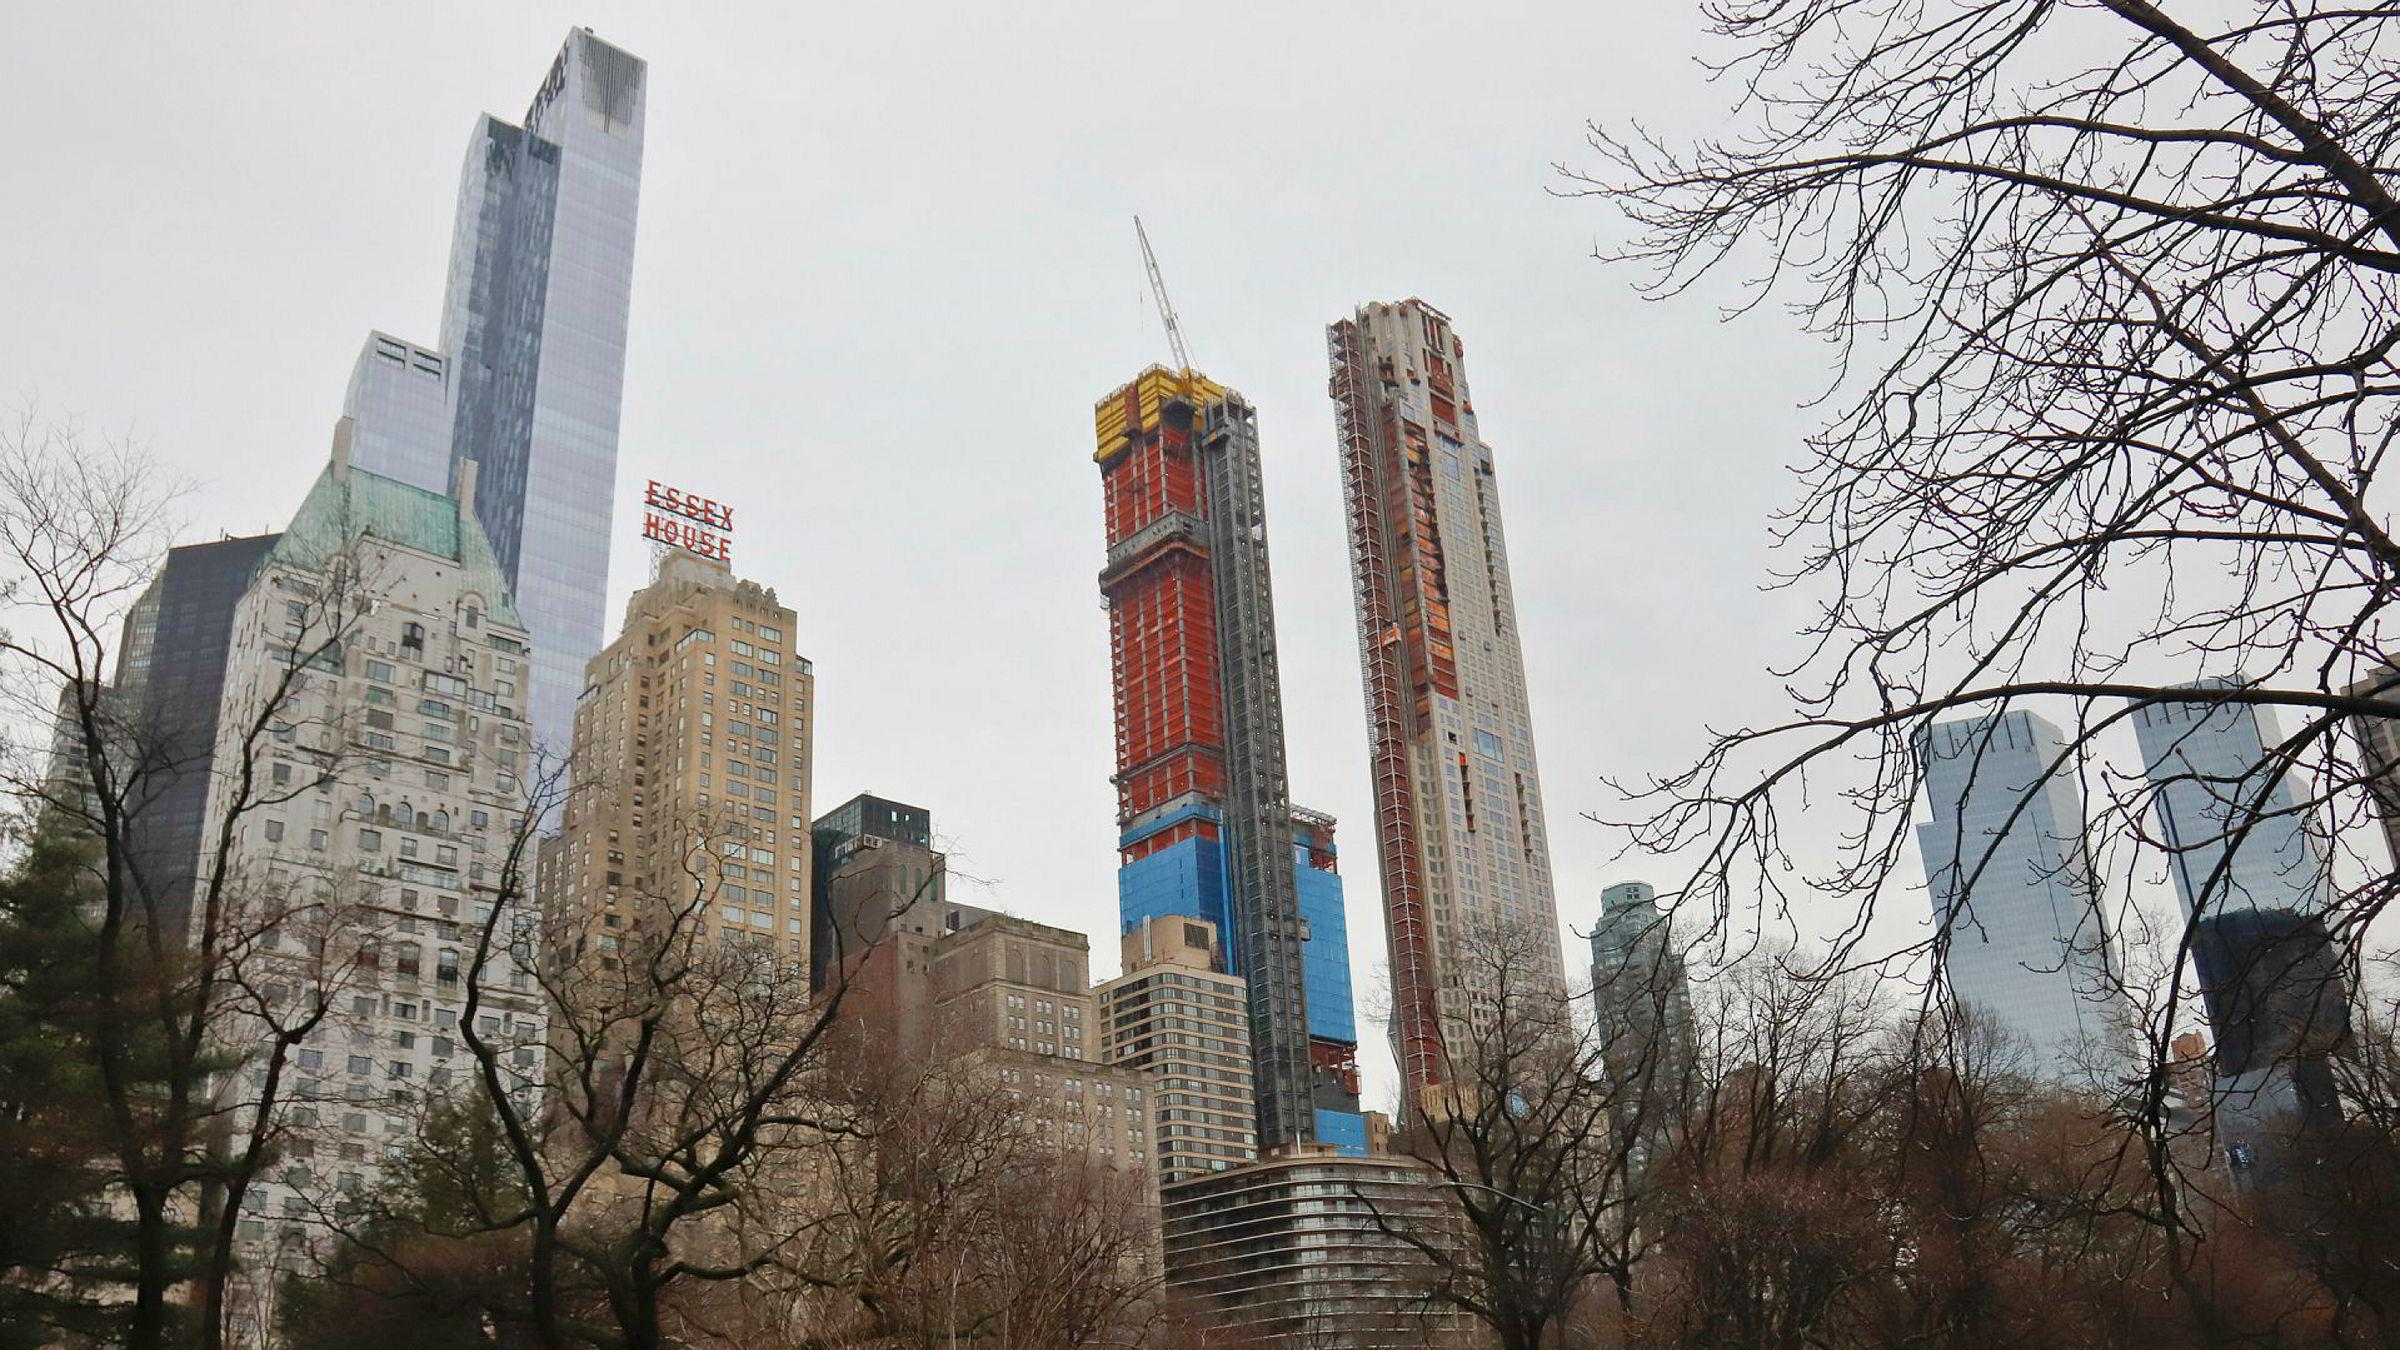 Eiendomsutvikler eiendomsutvikleren Simon Koster går fra å være blant utbyggerne i «Billionaires row», eller milliardærrekken ved Central Park i New York, til å utvikle bokollektiver.